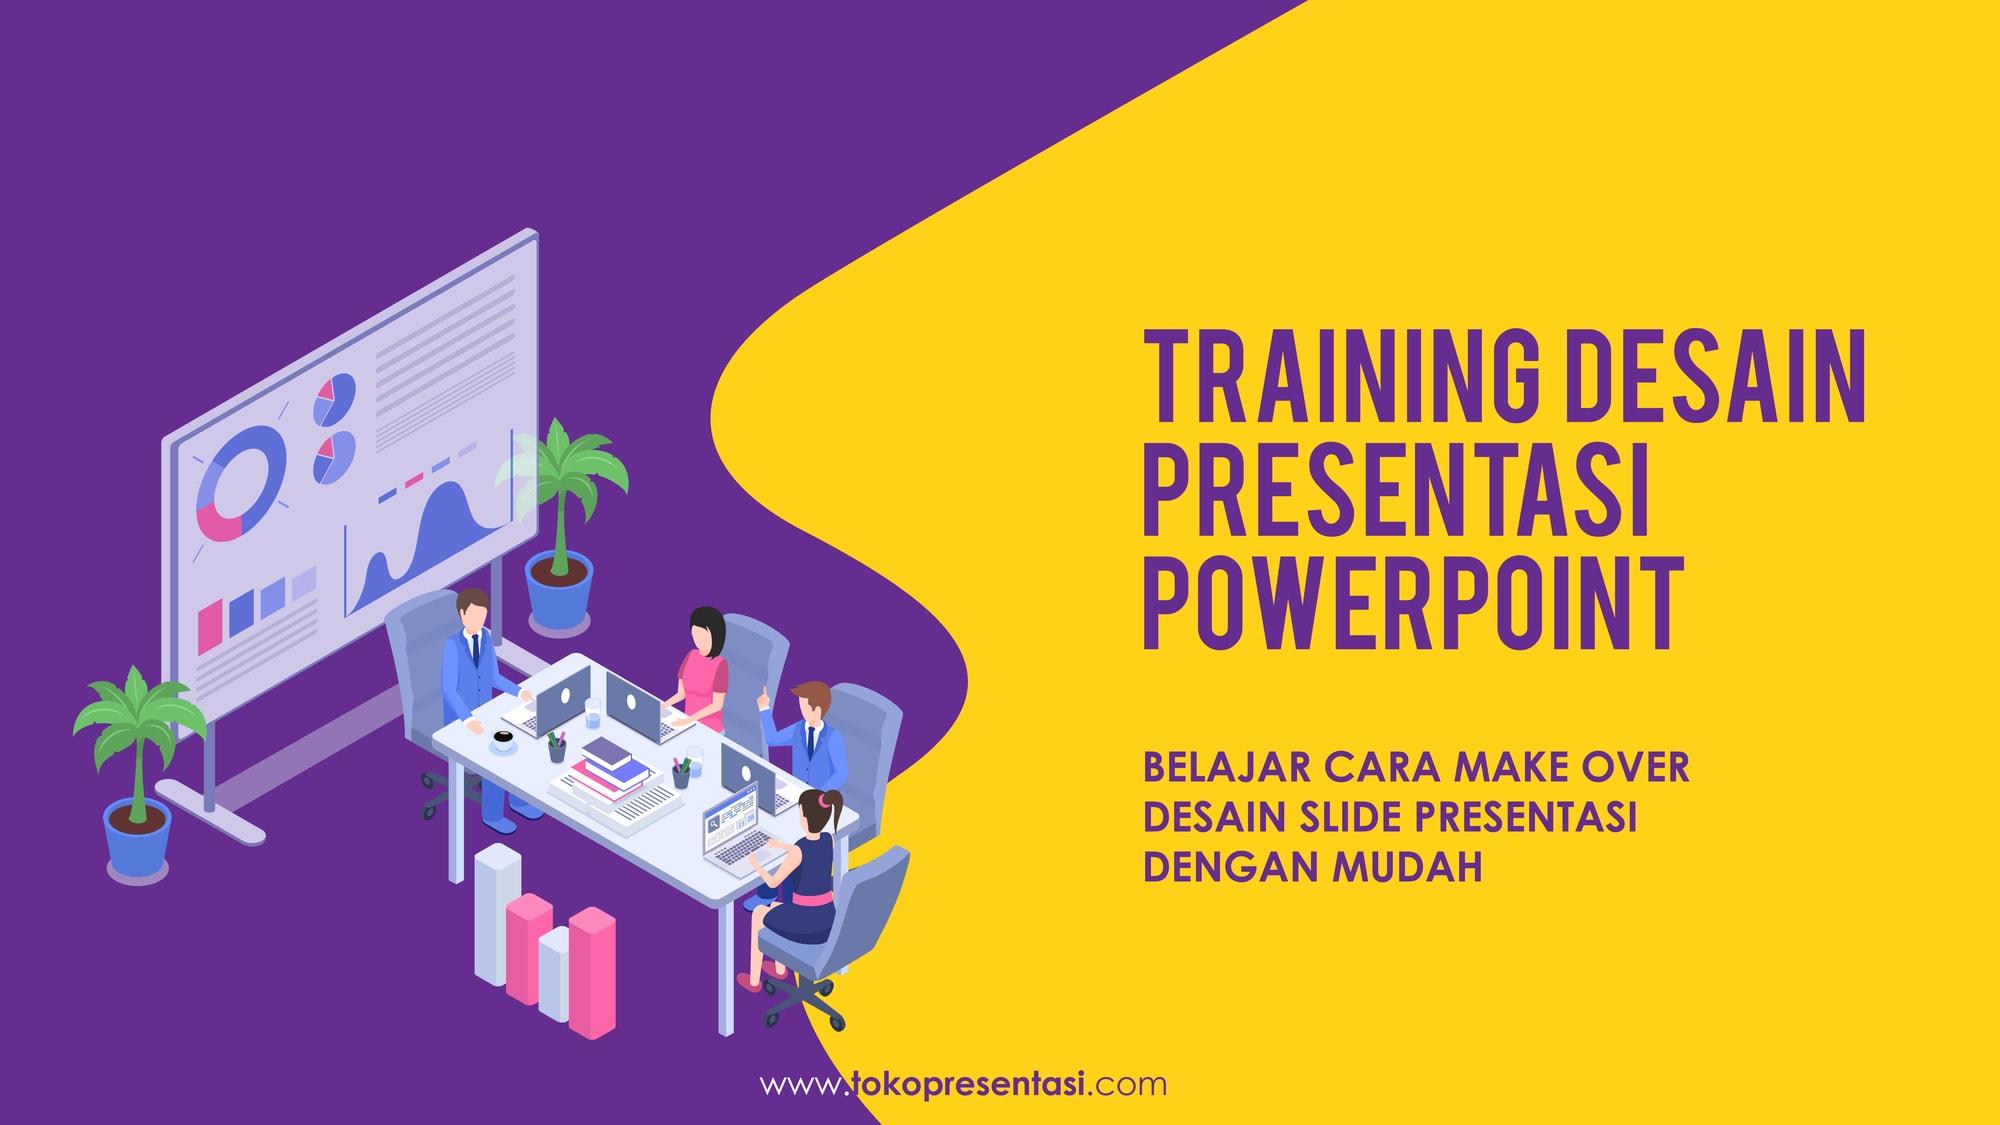 Pelatihan Desain Presentasi PowerPoint Lembaga Administrasi Negara (LAN) Tokopresentasi